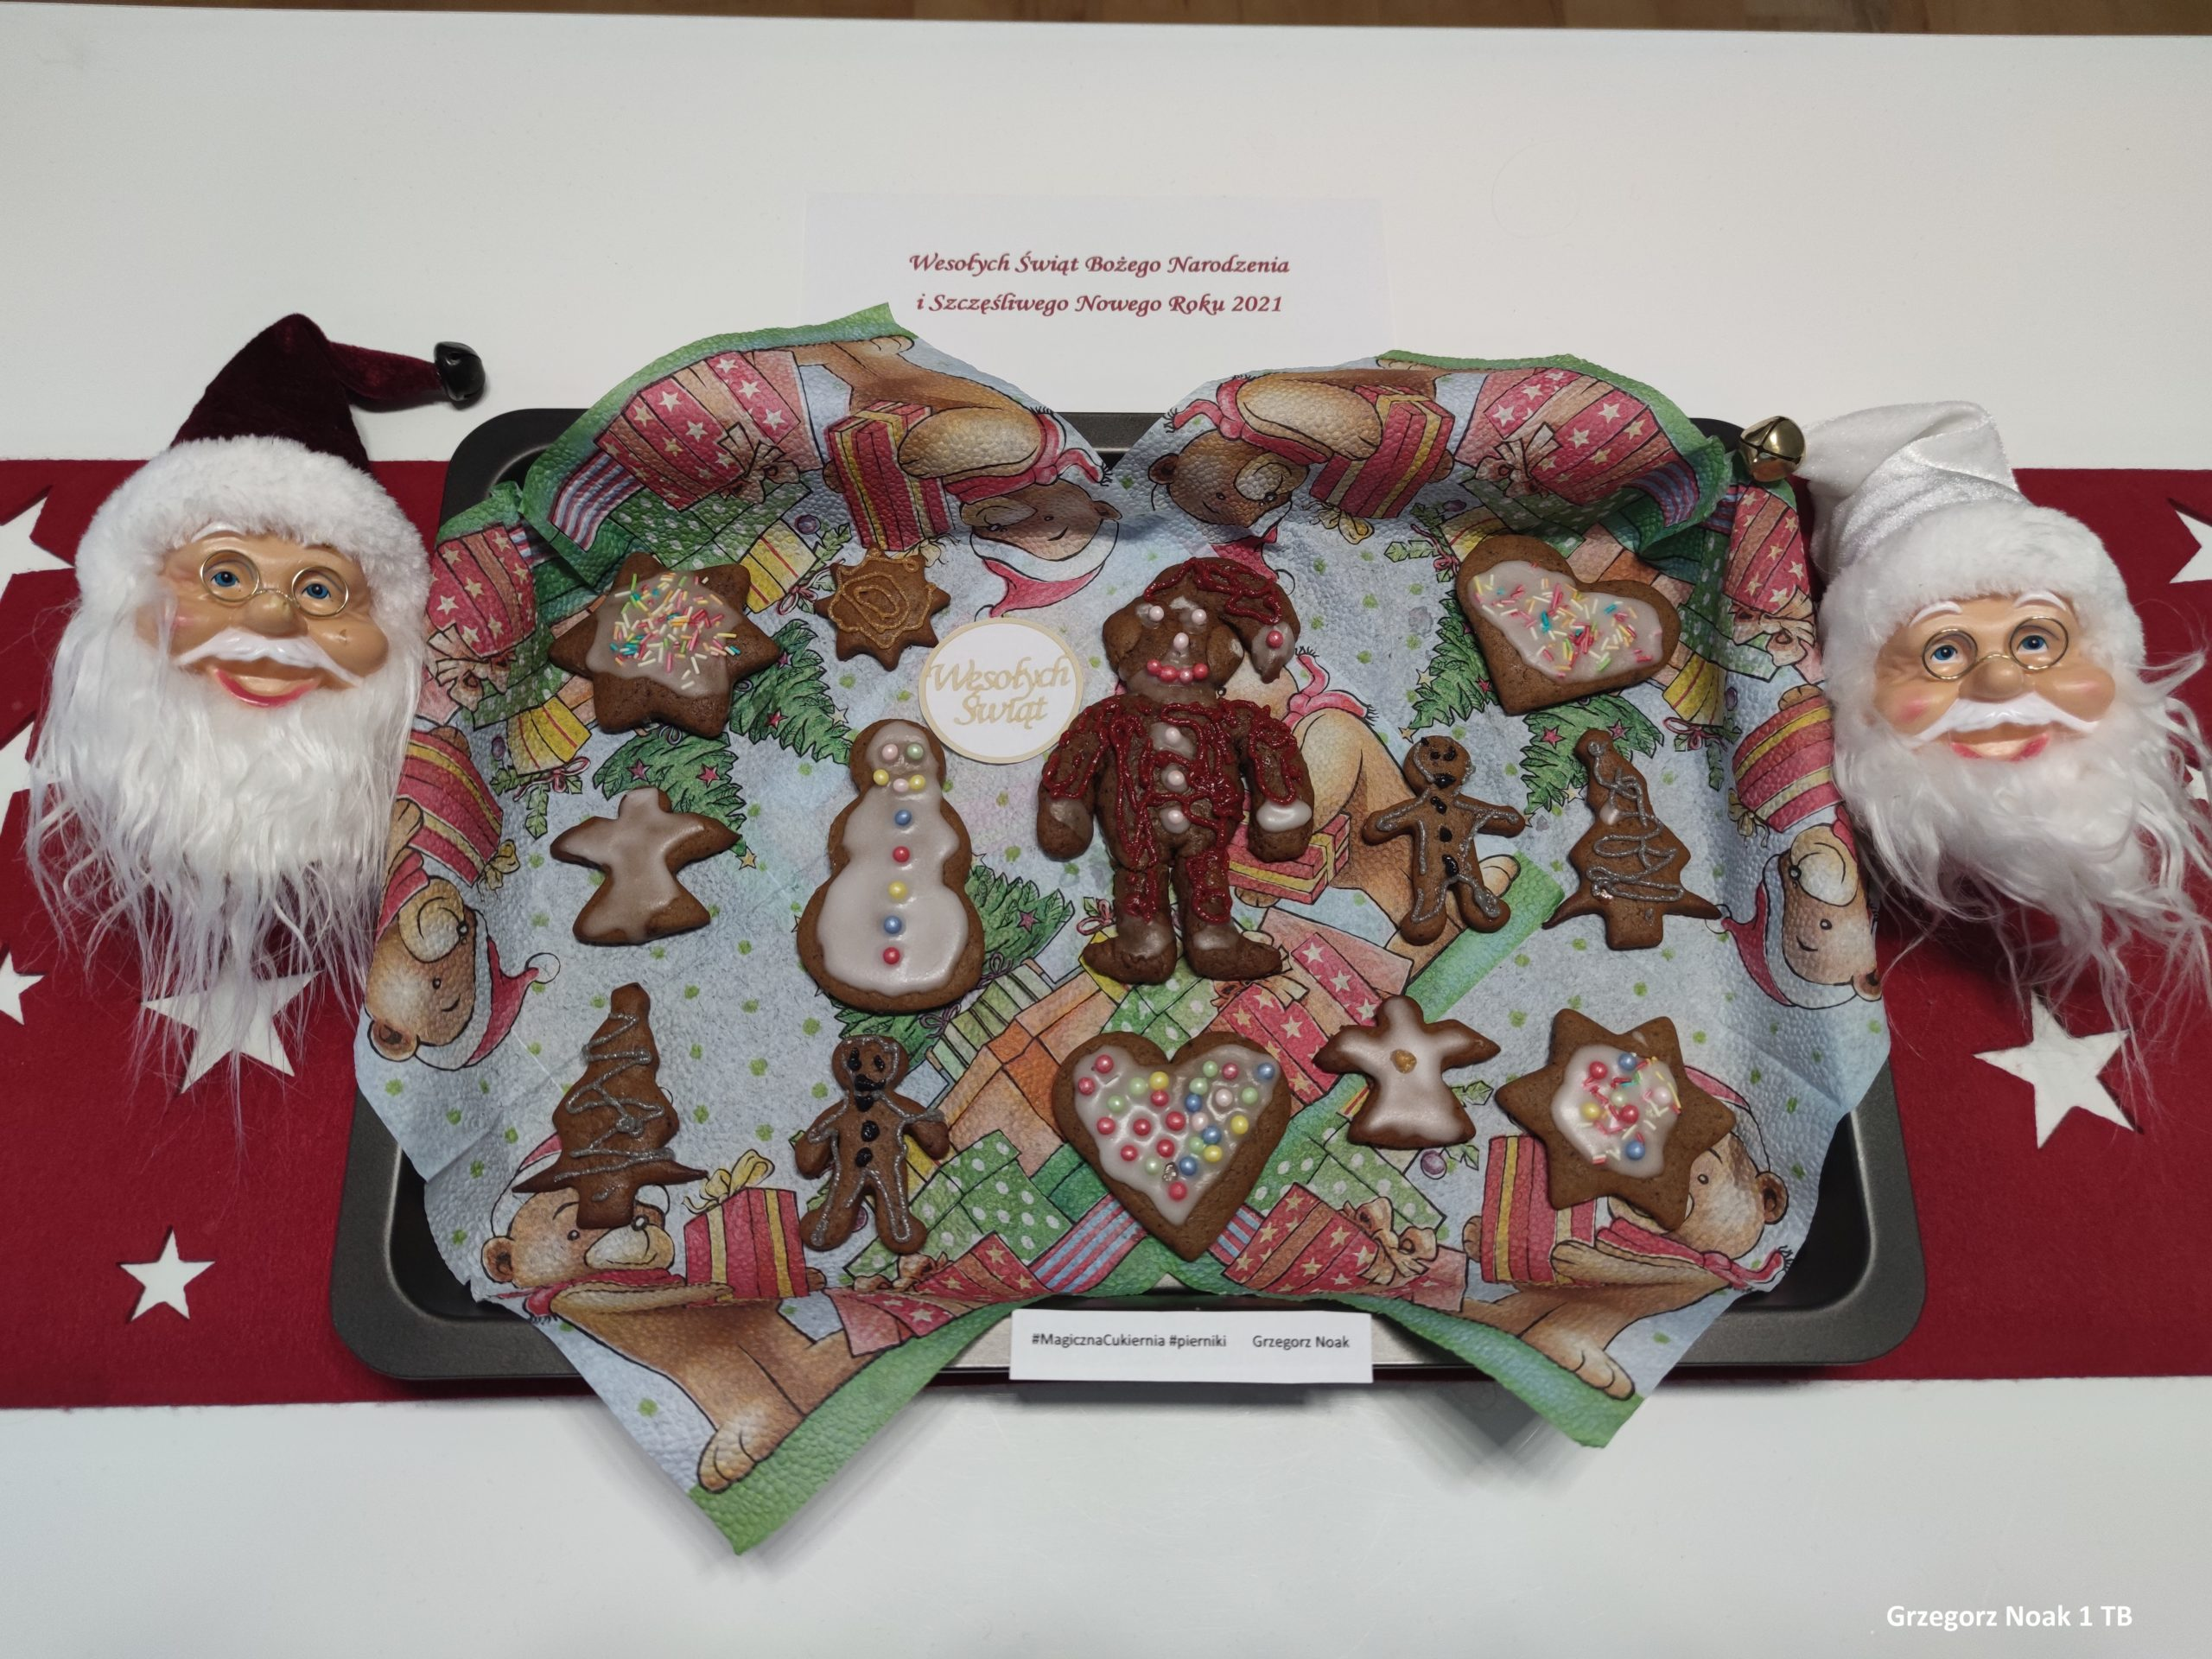 Konkurs Świąteczny nr2 Grzegorz Noak